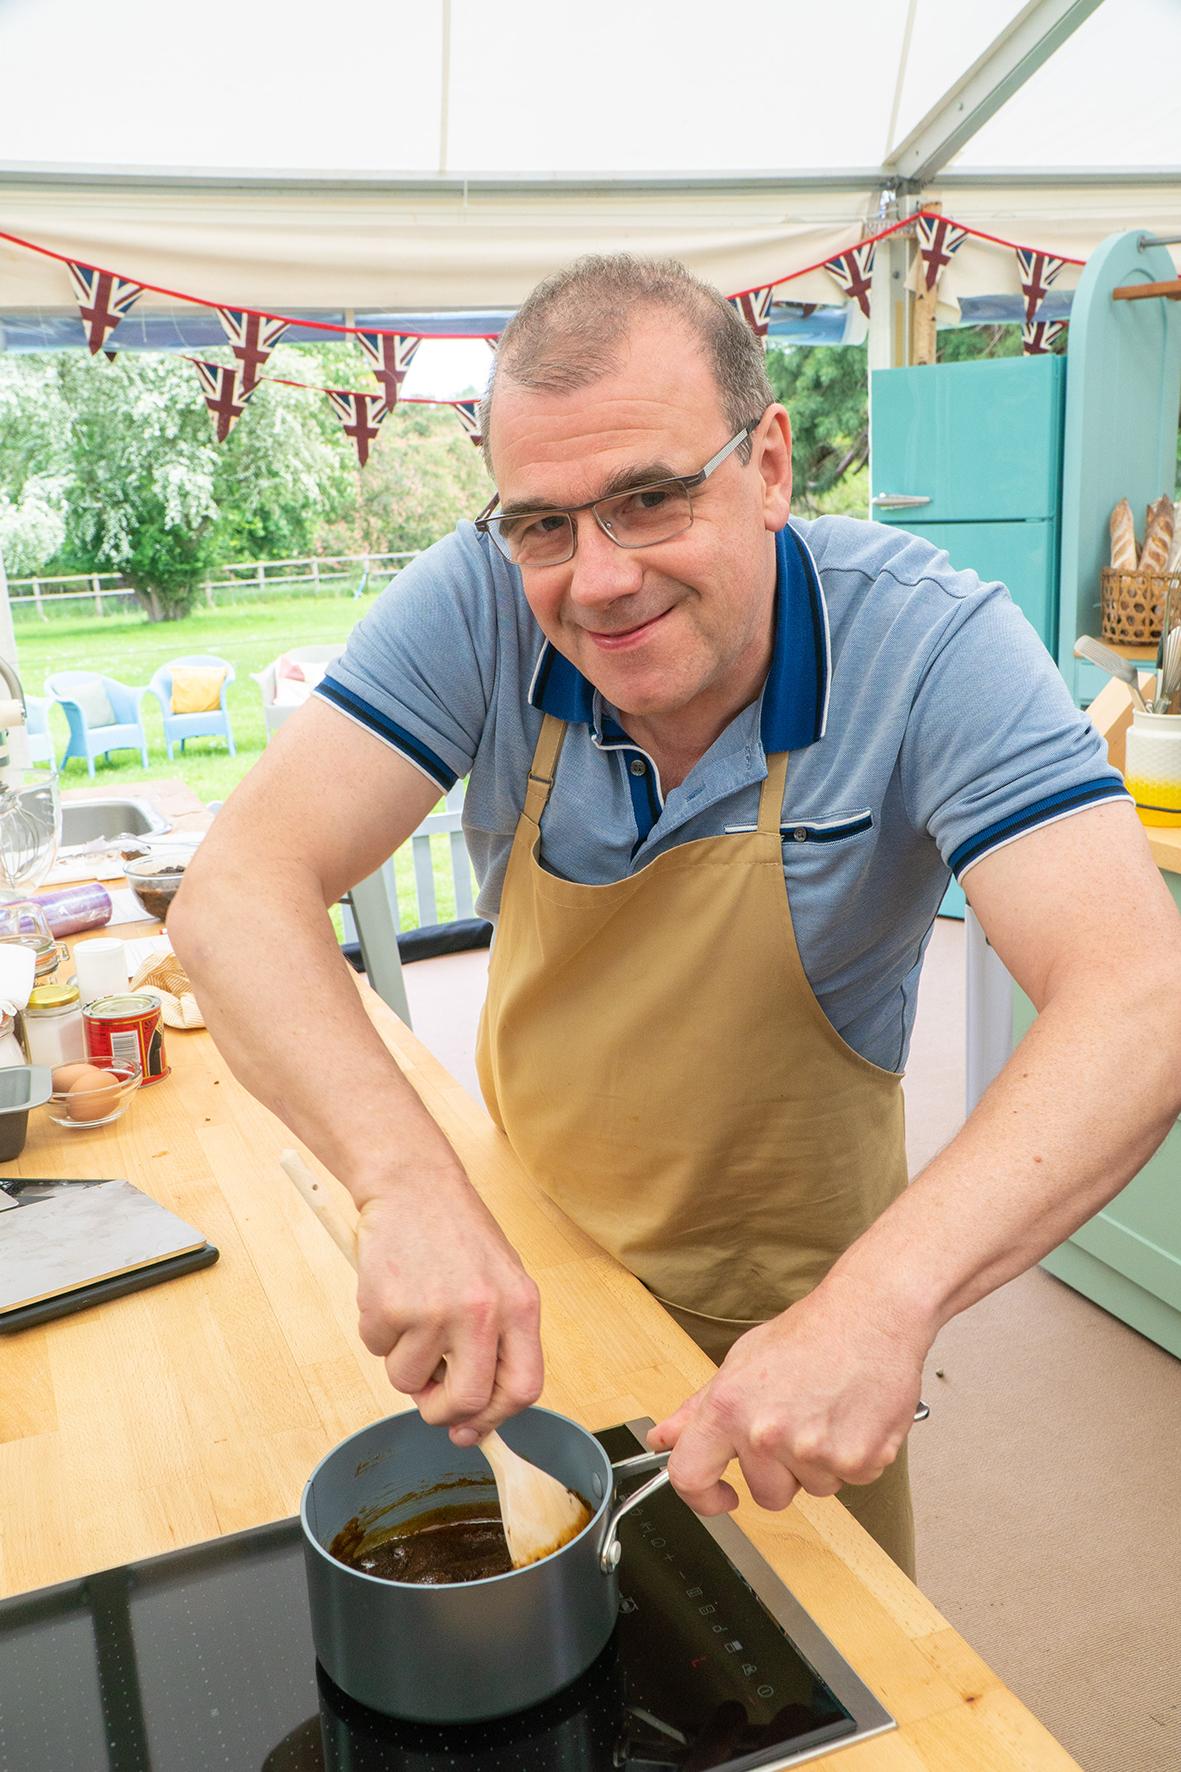 Jurgen The Great British Bake Off